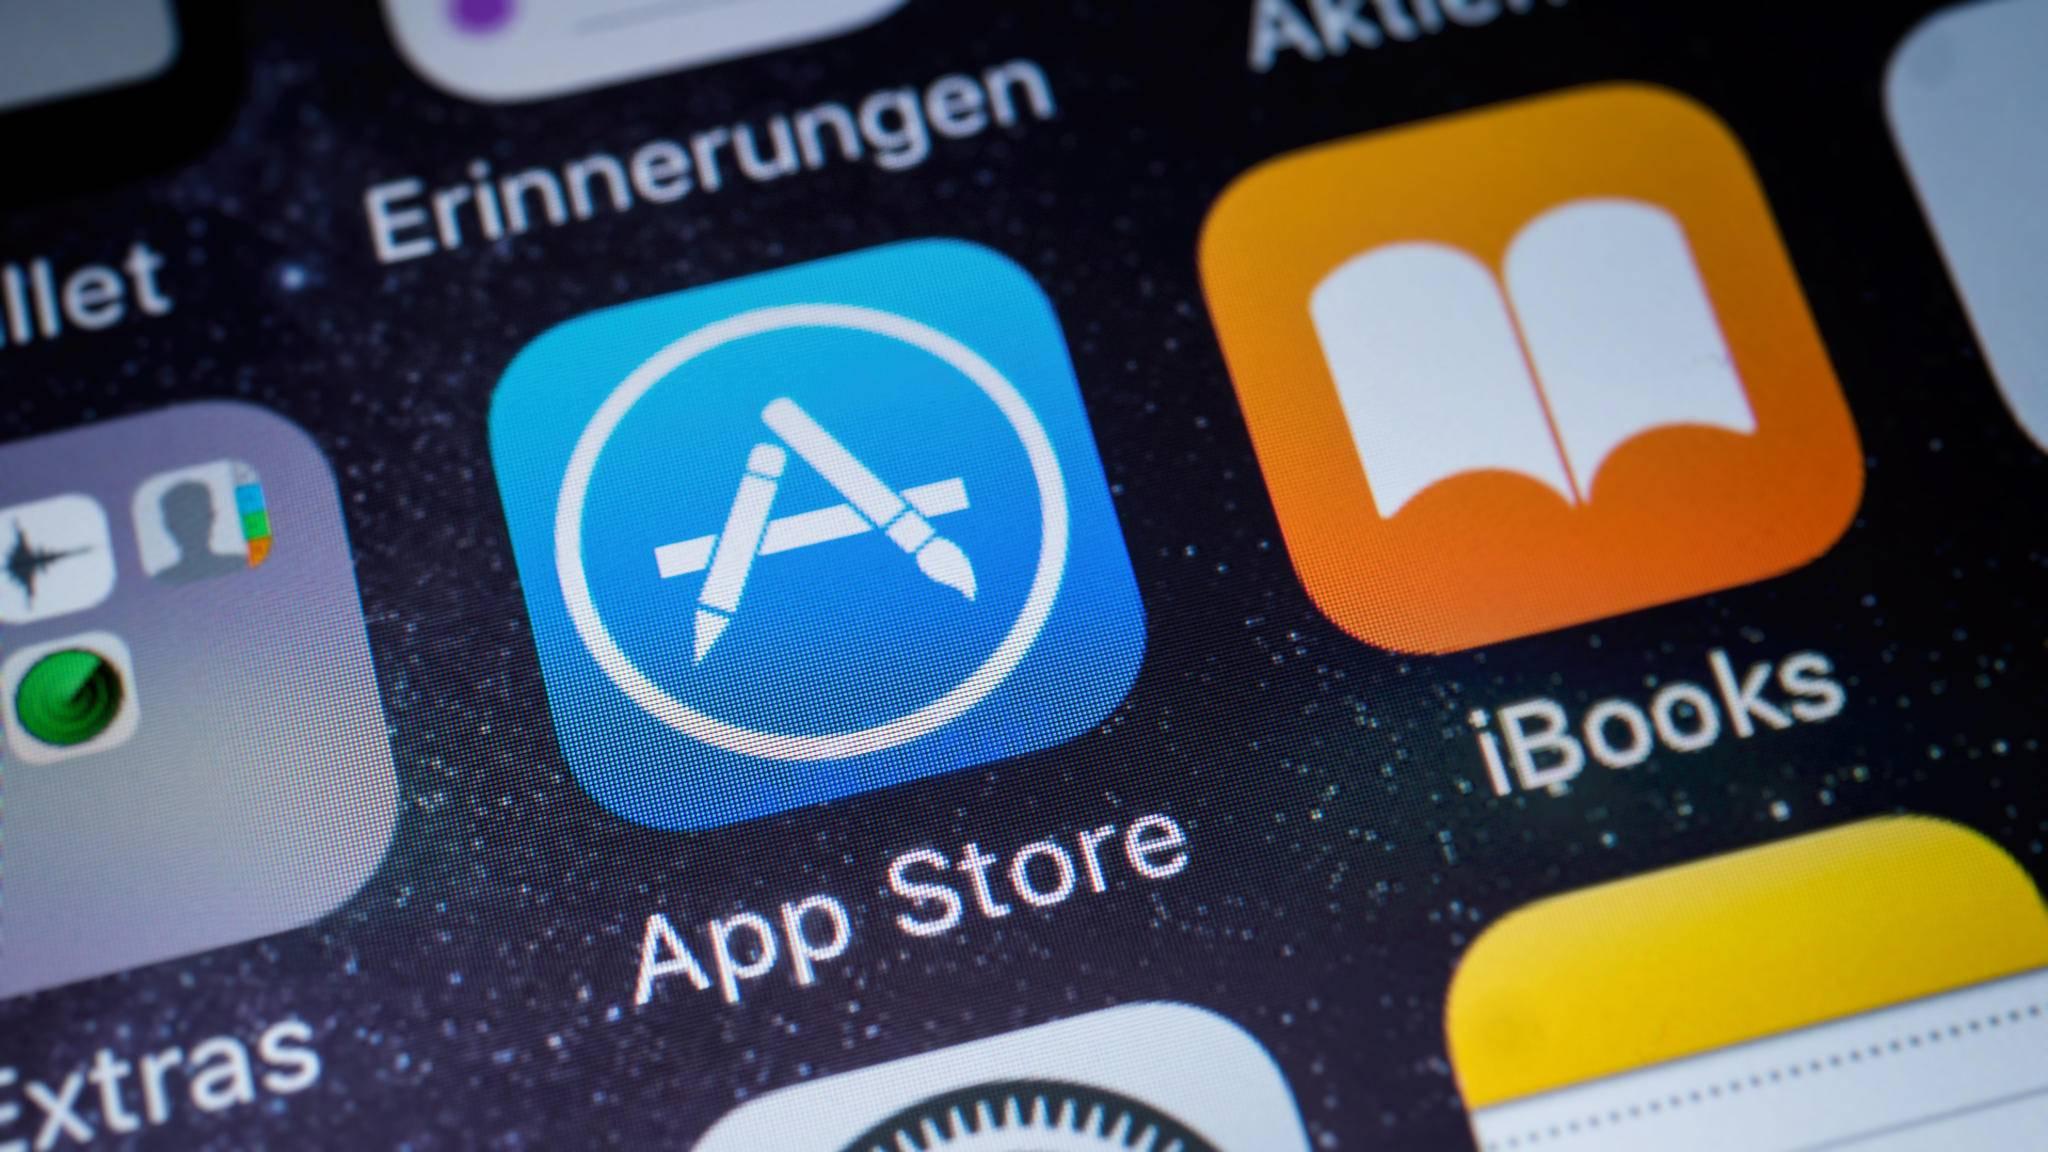 Vor der Installation lieber noch einmal den App Store aufsuchen und die neuesten Updates einspielen.